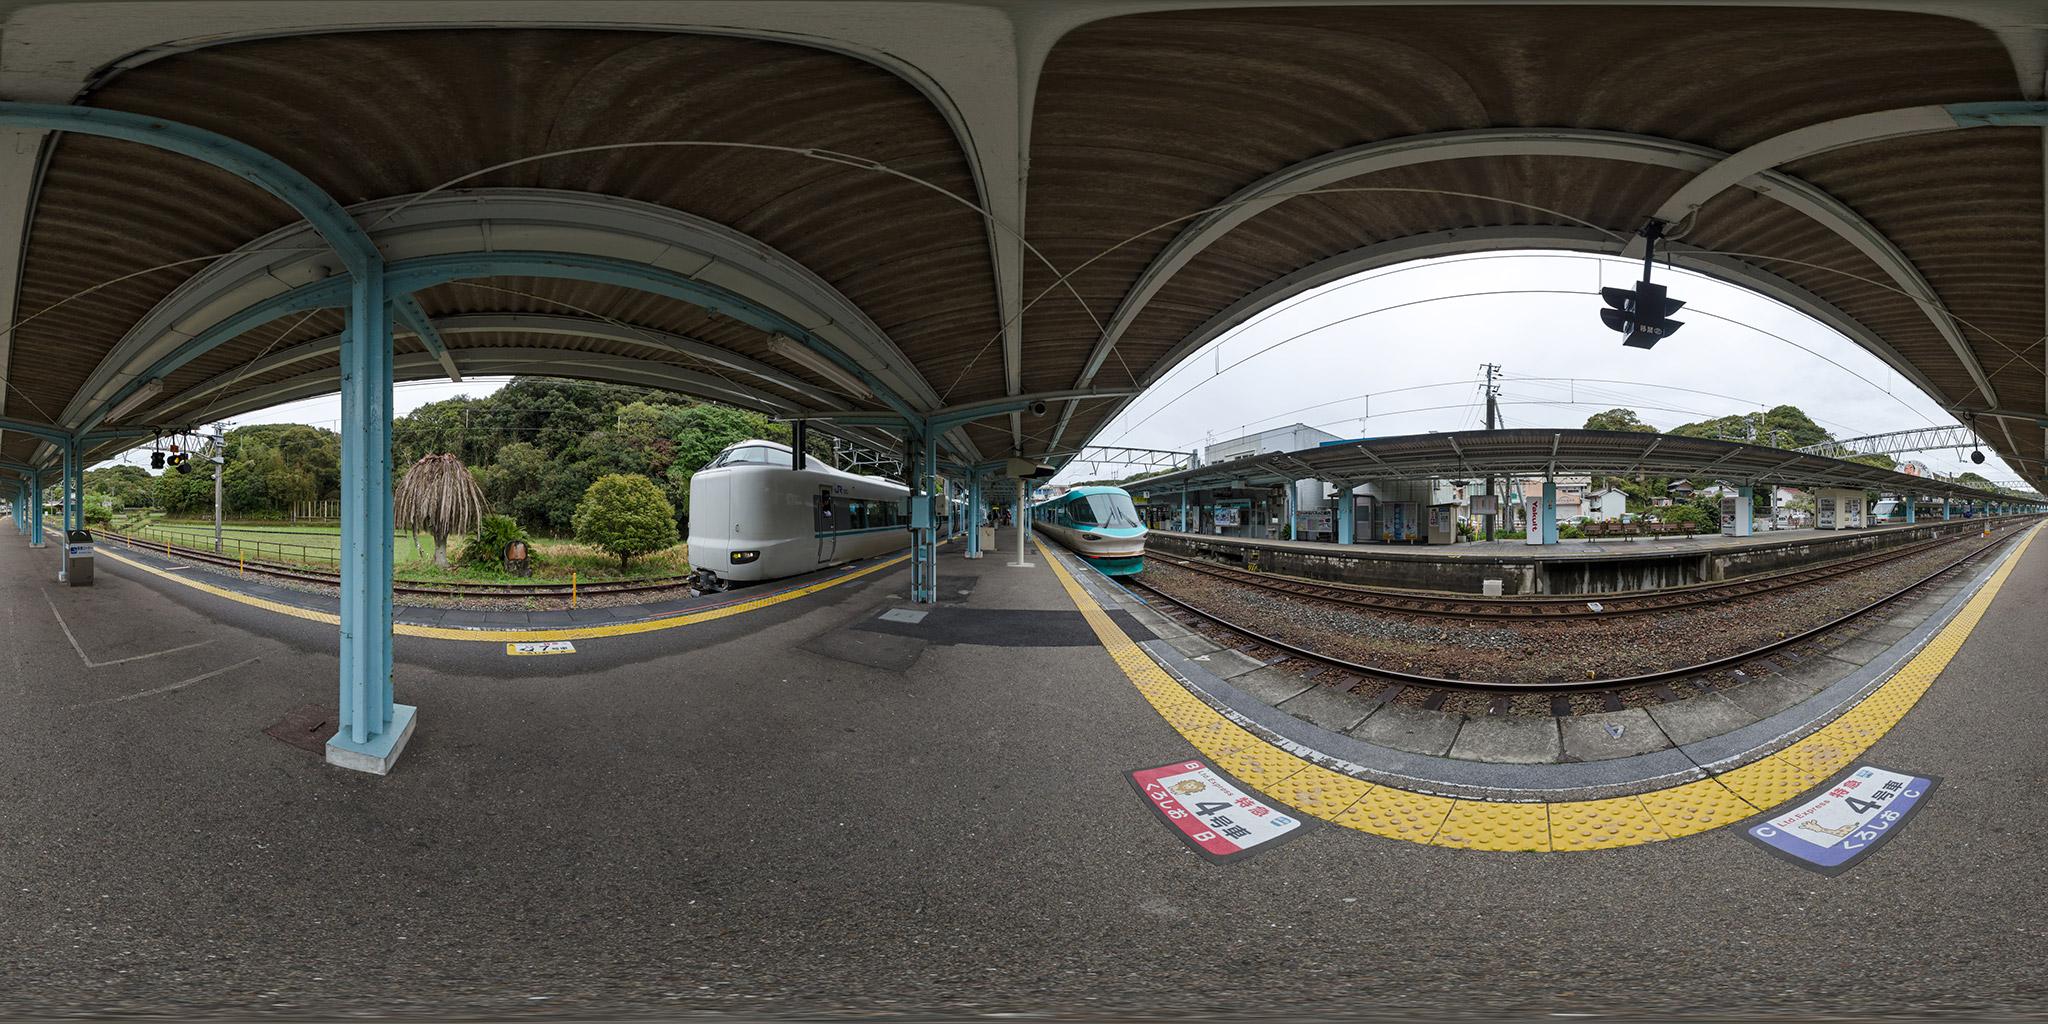 283系・287系・381系「くろしお」が白浜駅に並ぶ